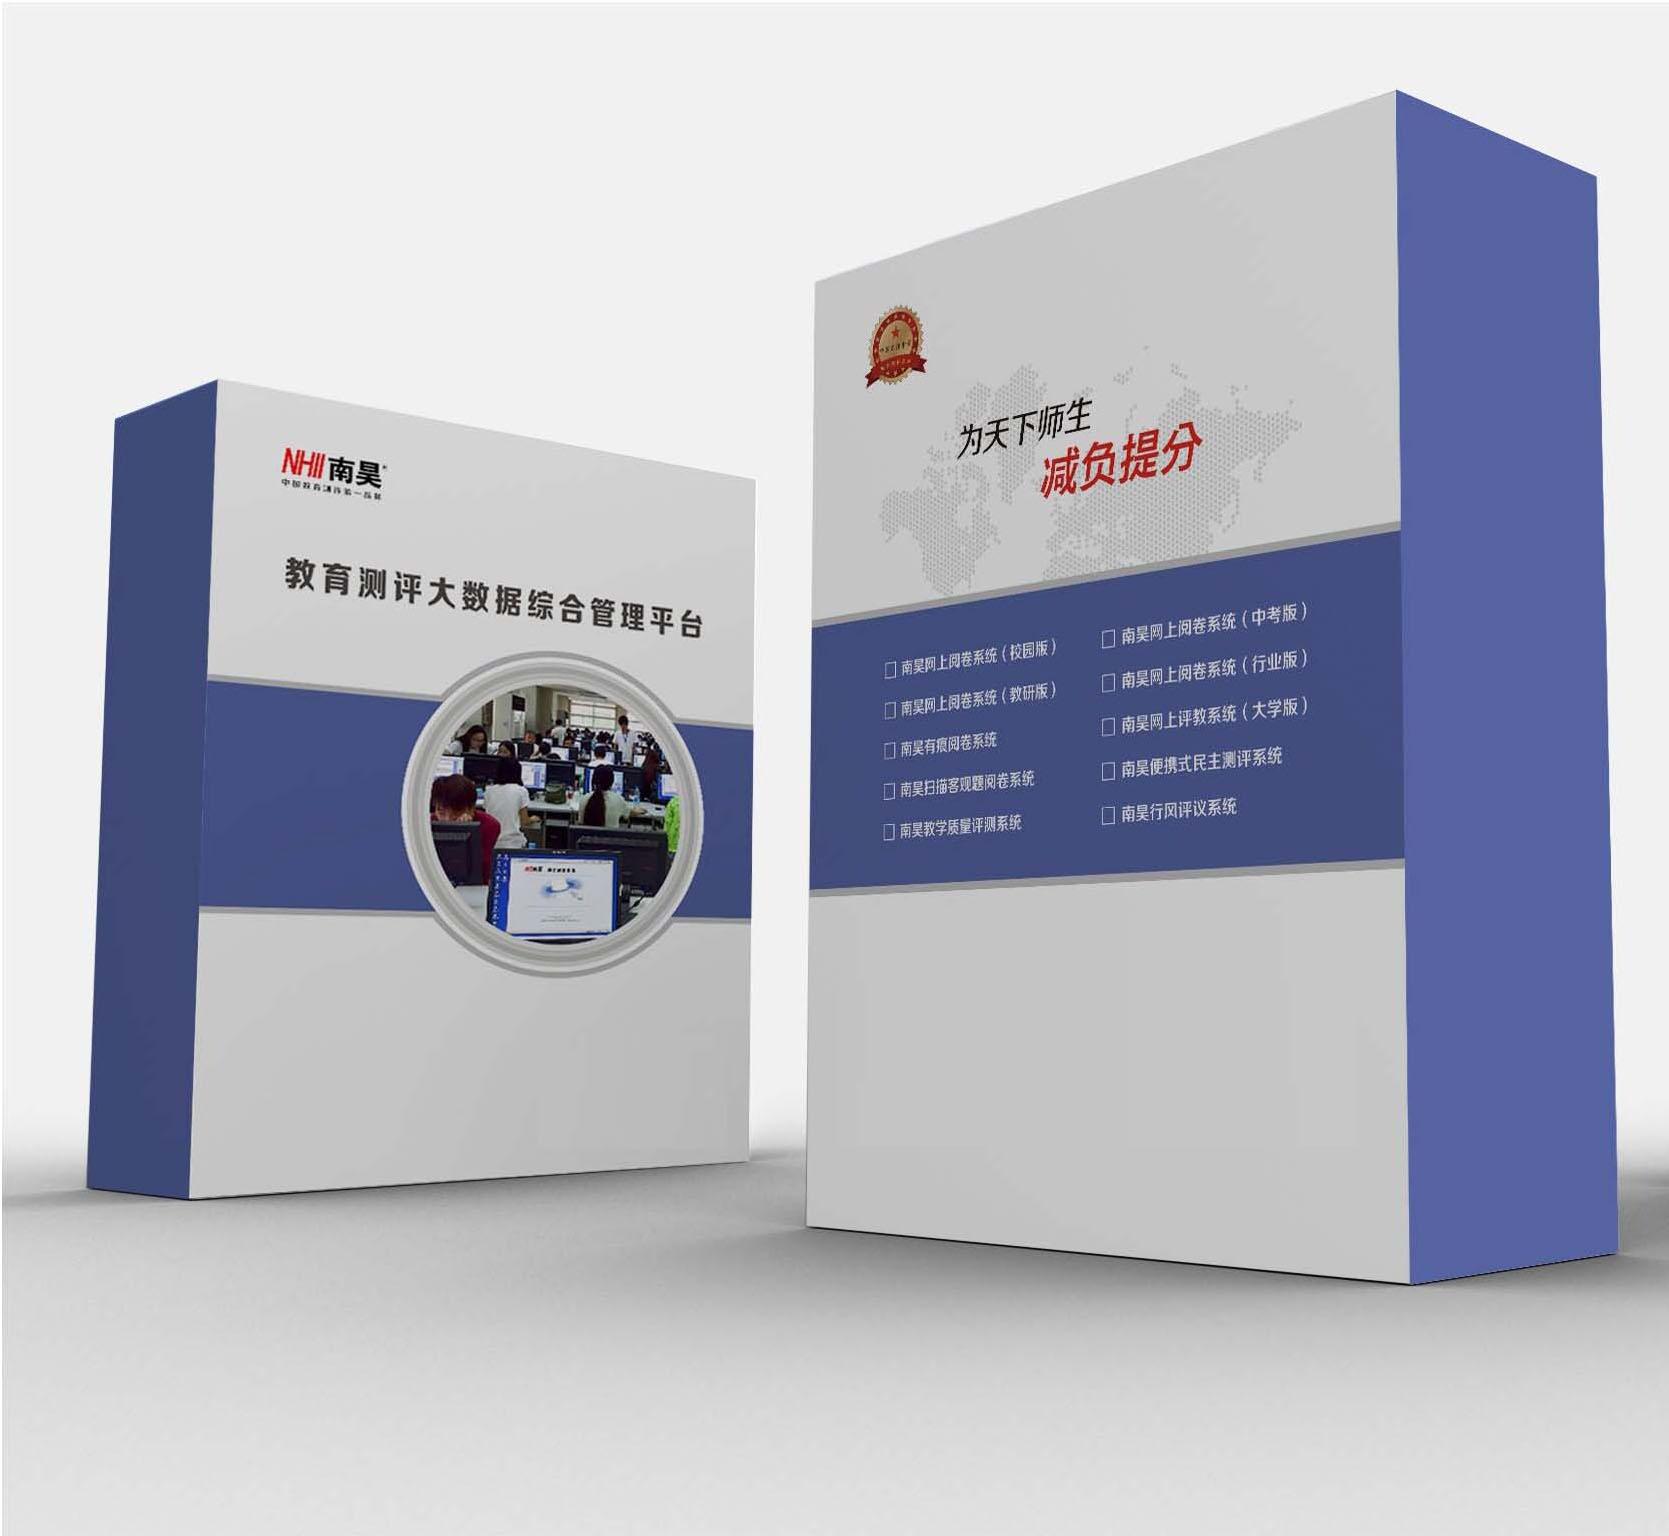 答题卡阅卷系统-老师阅卷系统 价格实惠|新闻动态-河北省南昊高新技术开发有限公司